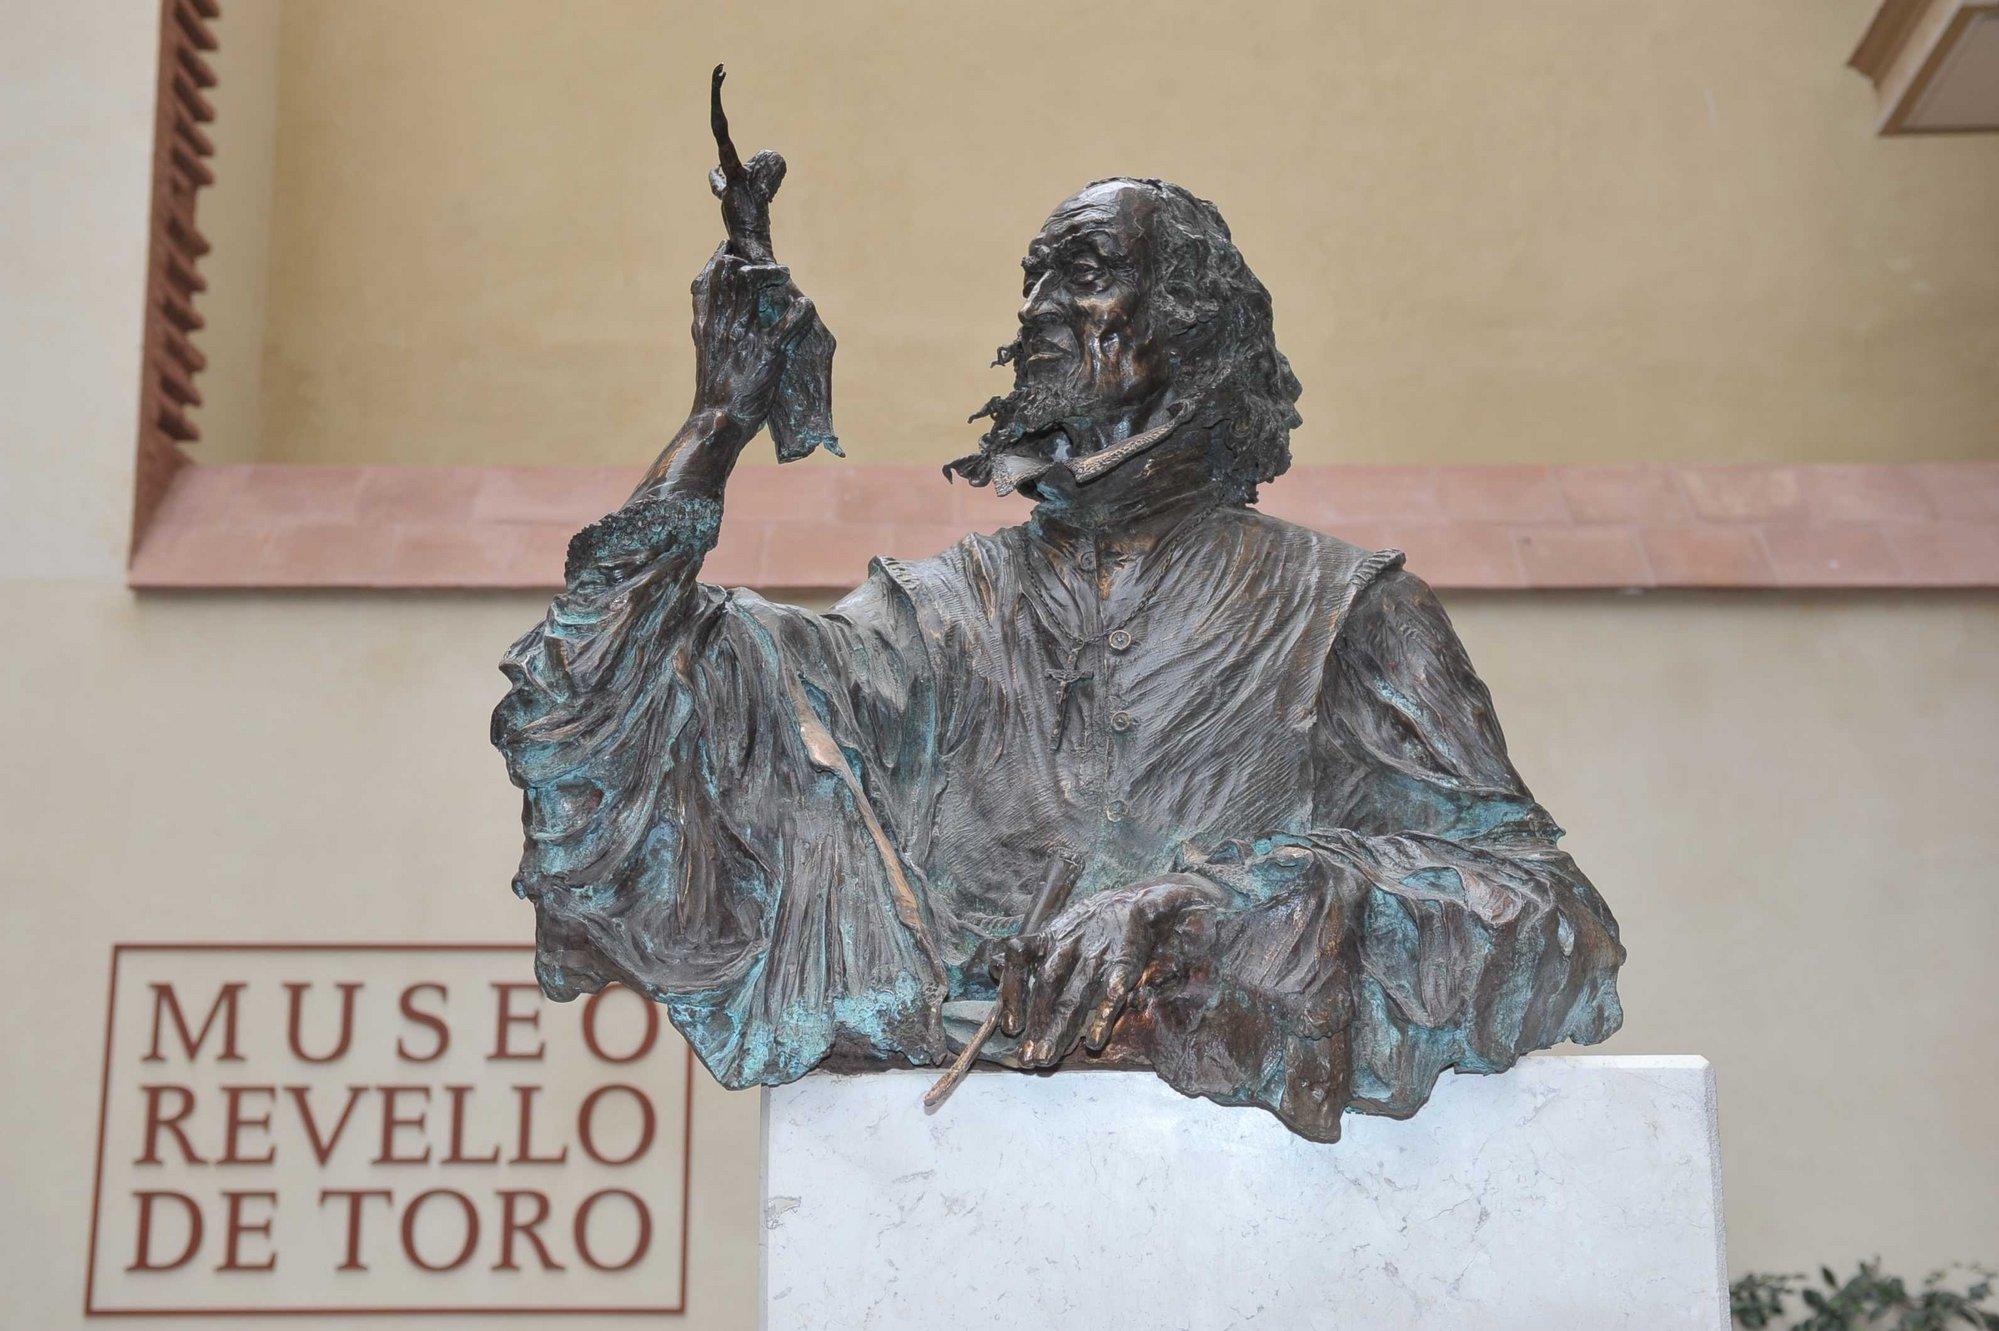 El Museo Revello de Toro celebra su segundo aniversario con 57.000 visitas y una jornada de puertas abiertas